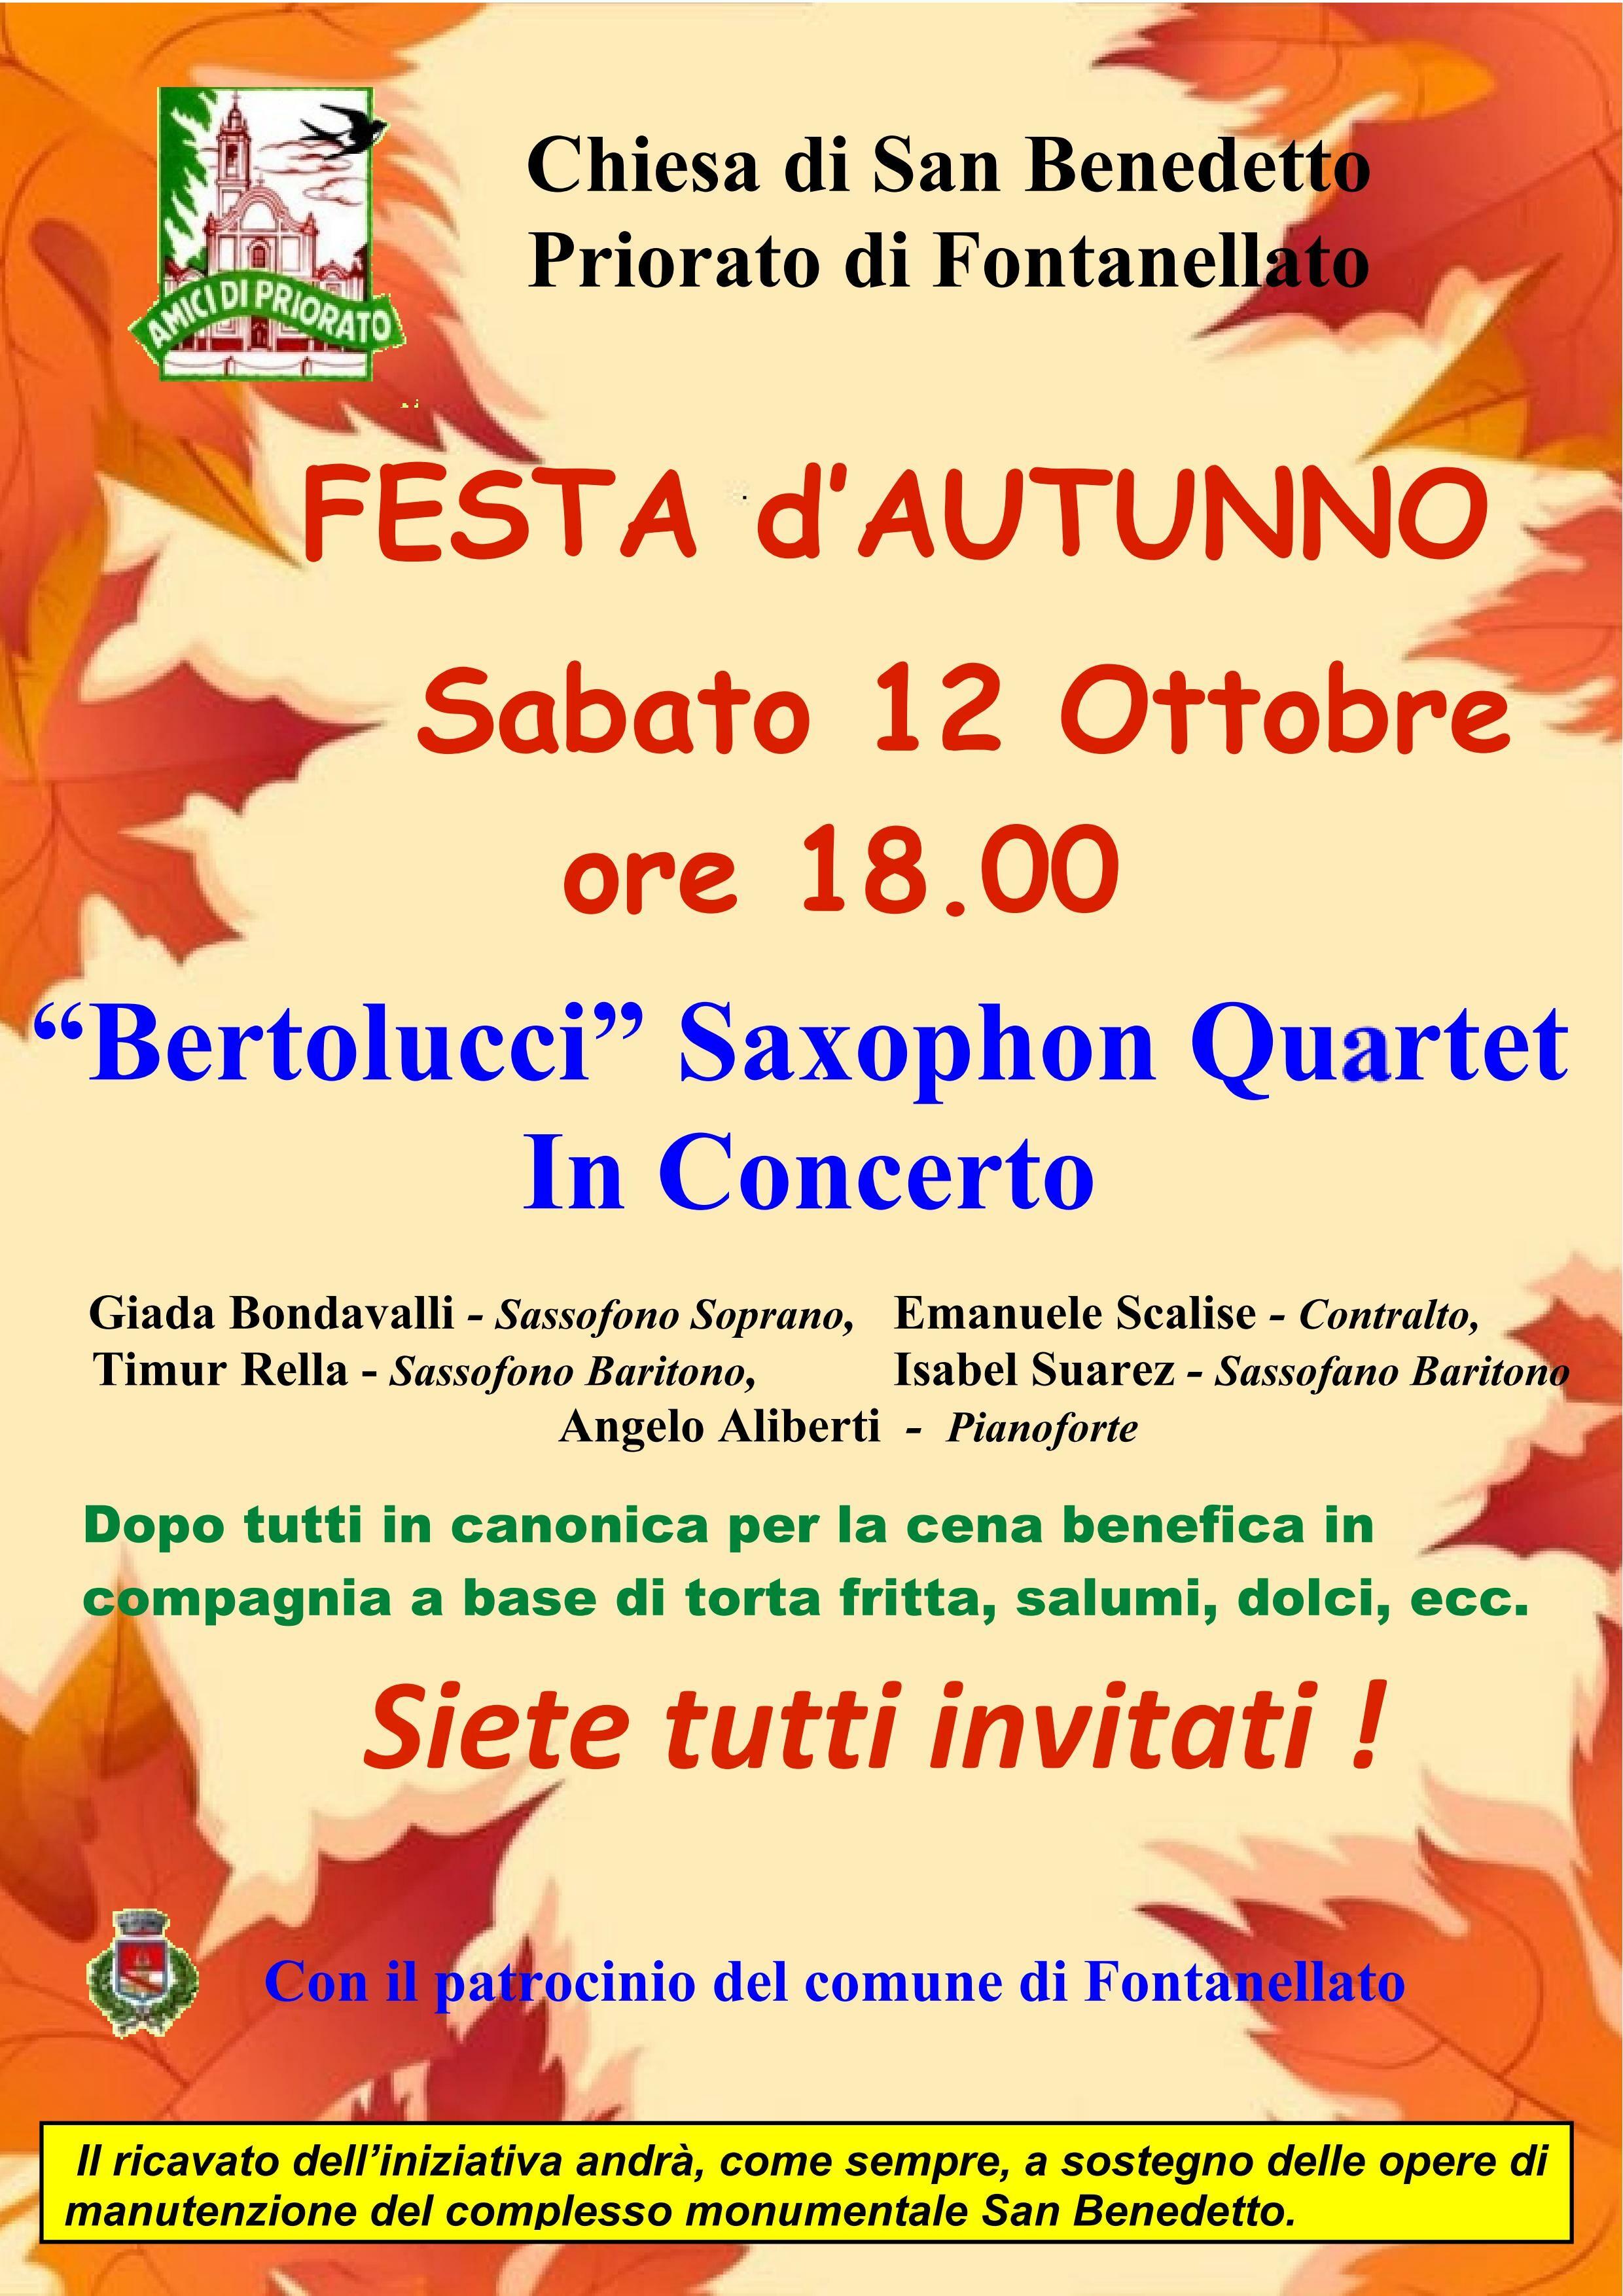 Tradizionale Festa d'Autunno  nella chiesa di San Benedetto in Priorato